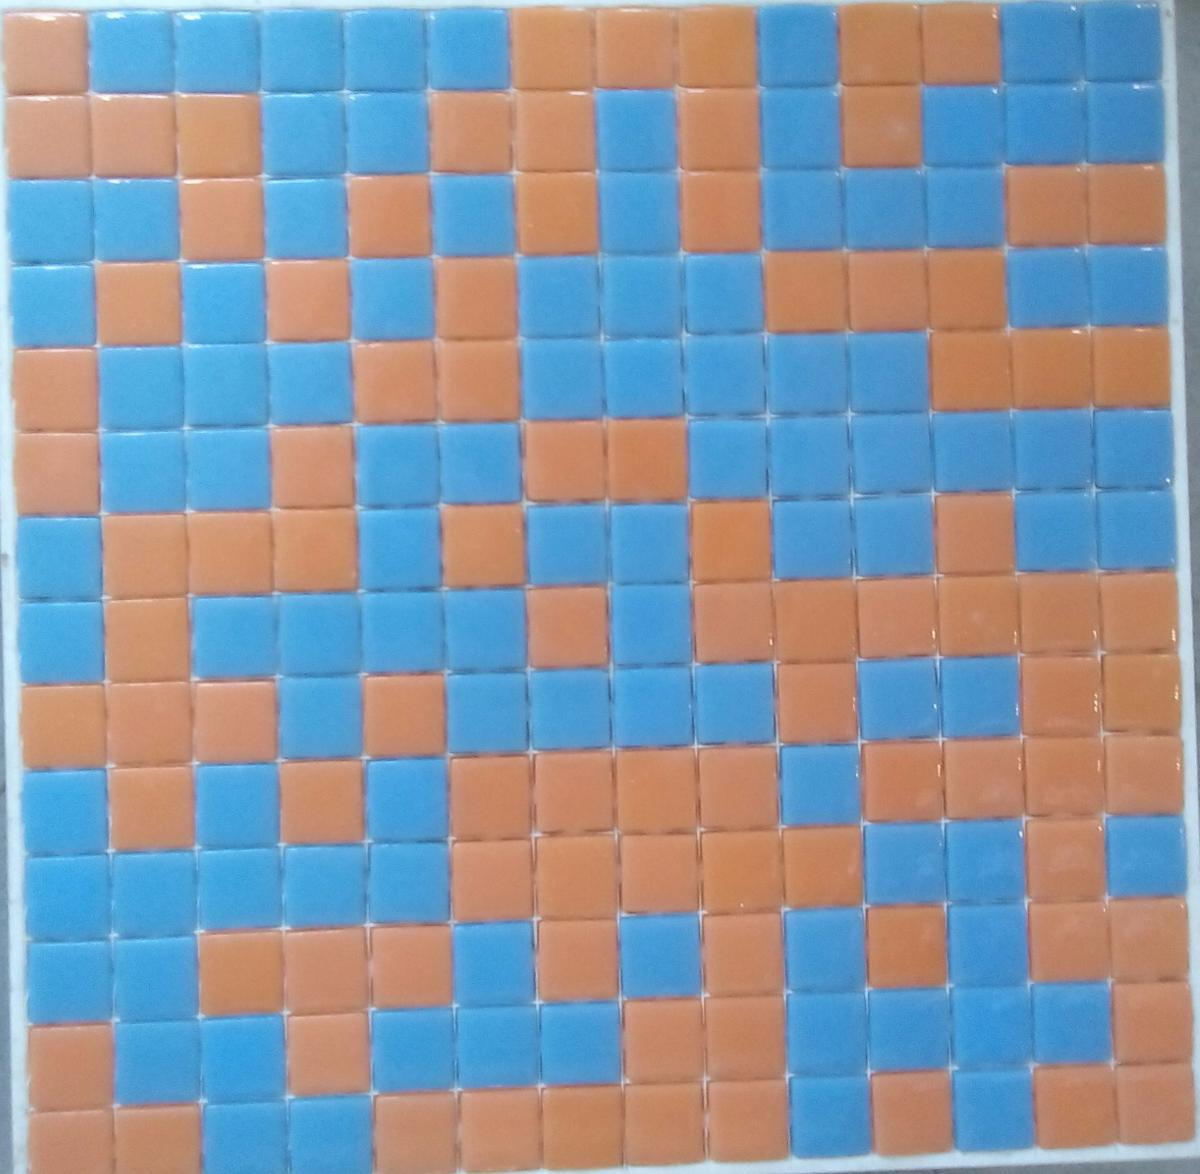 Mosaique Salle De Bain Bleu ~ mosa que p te de verre carr l orange bleu plaque achat de